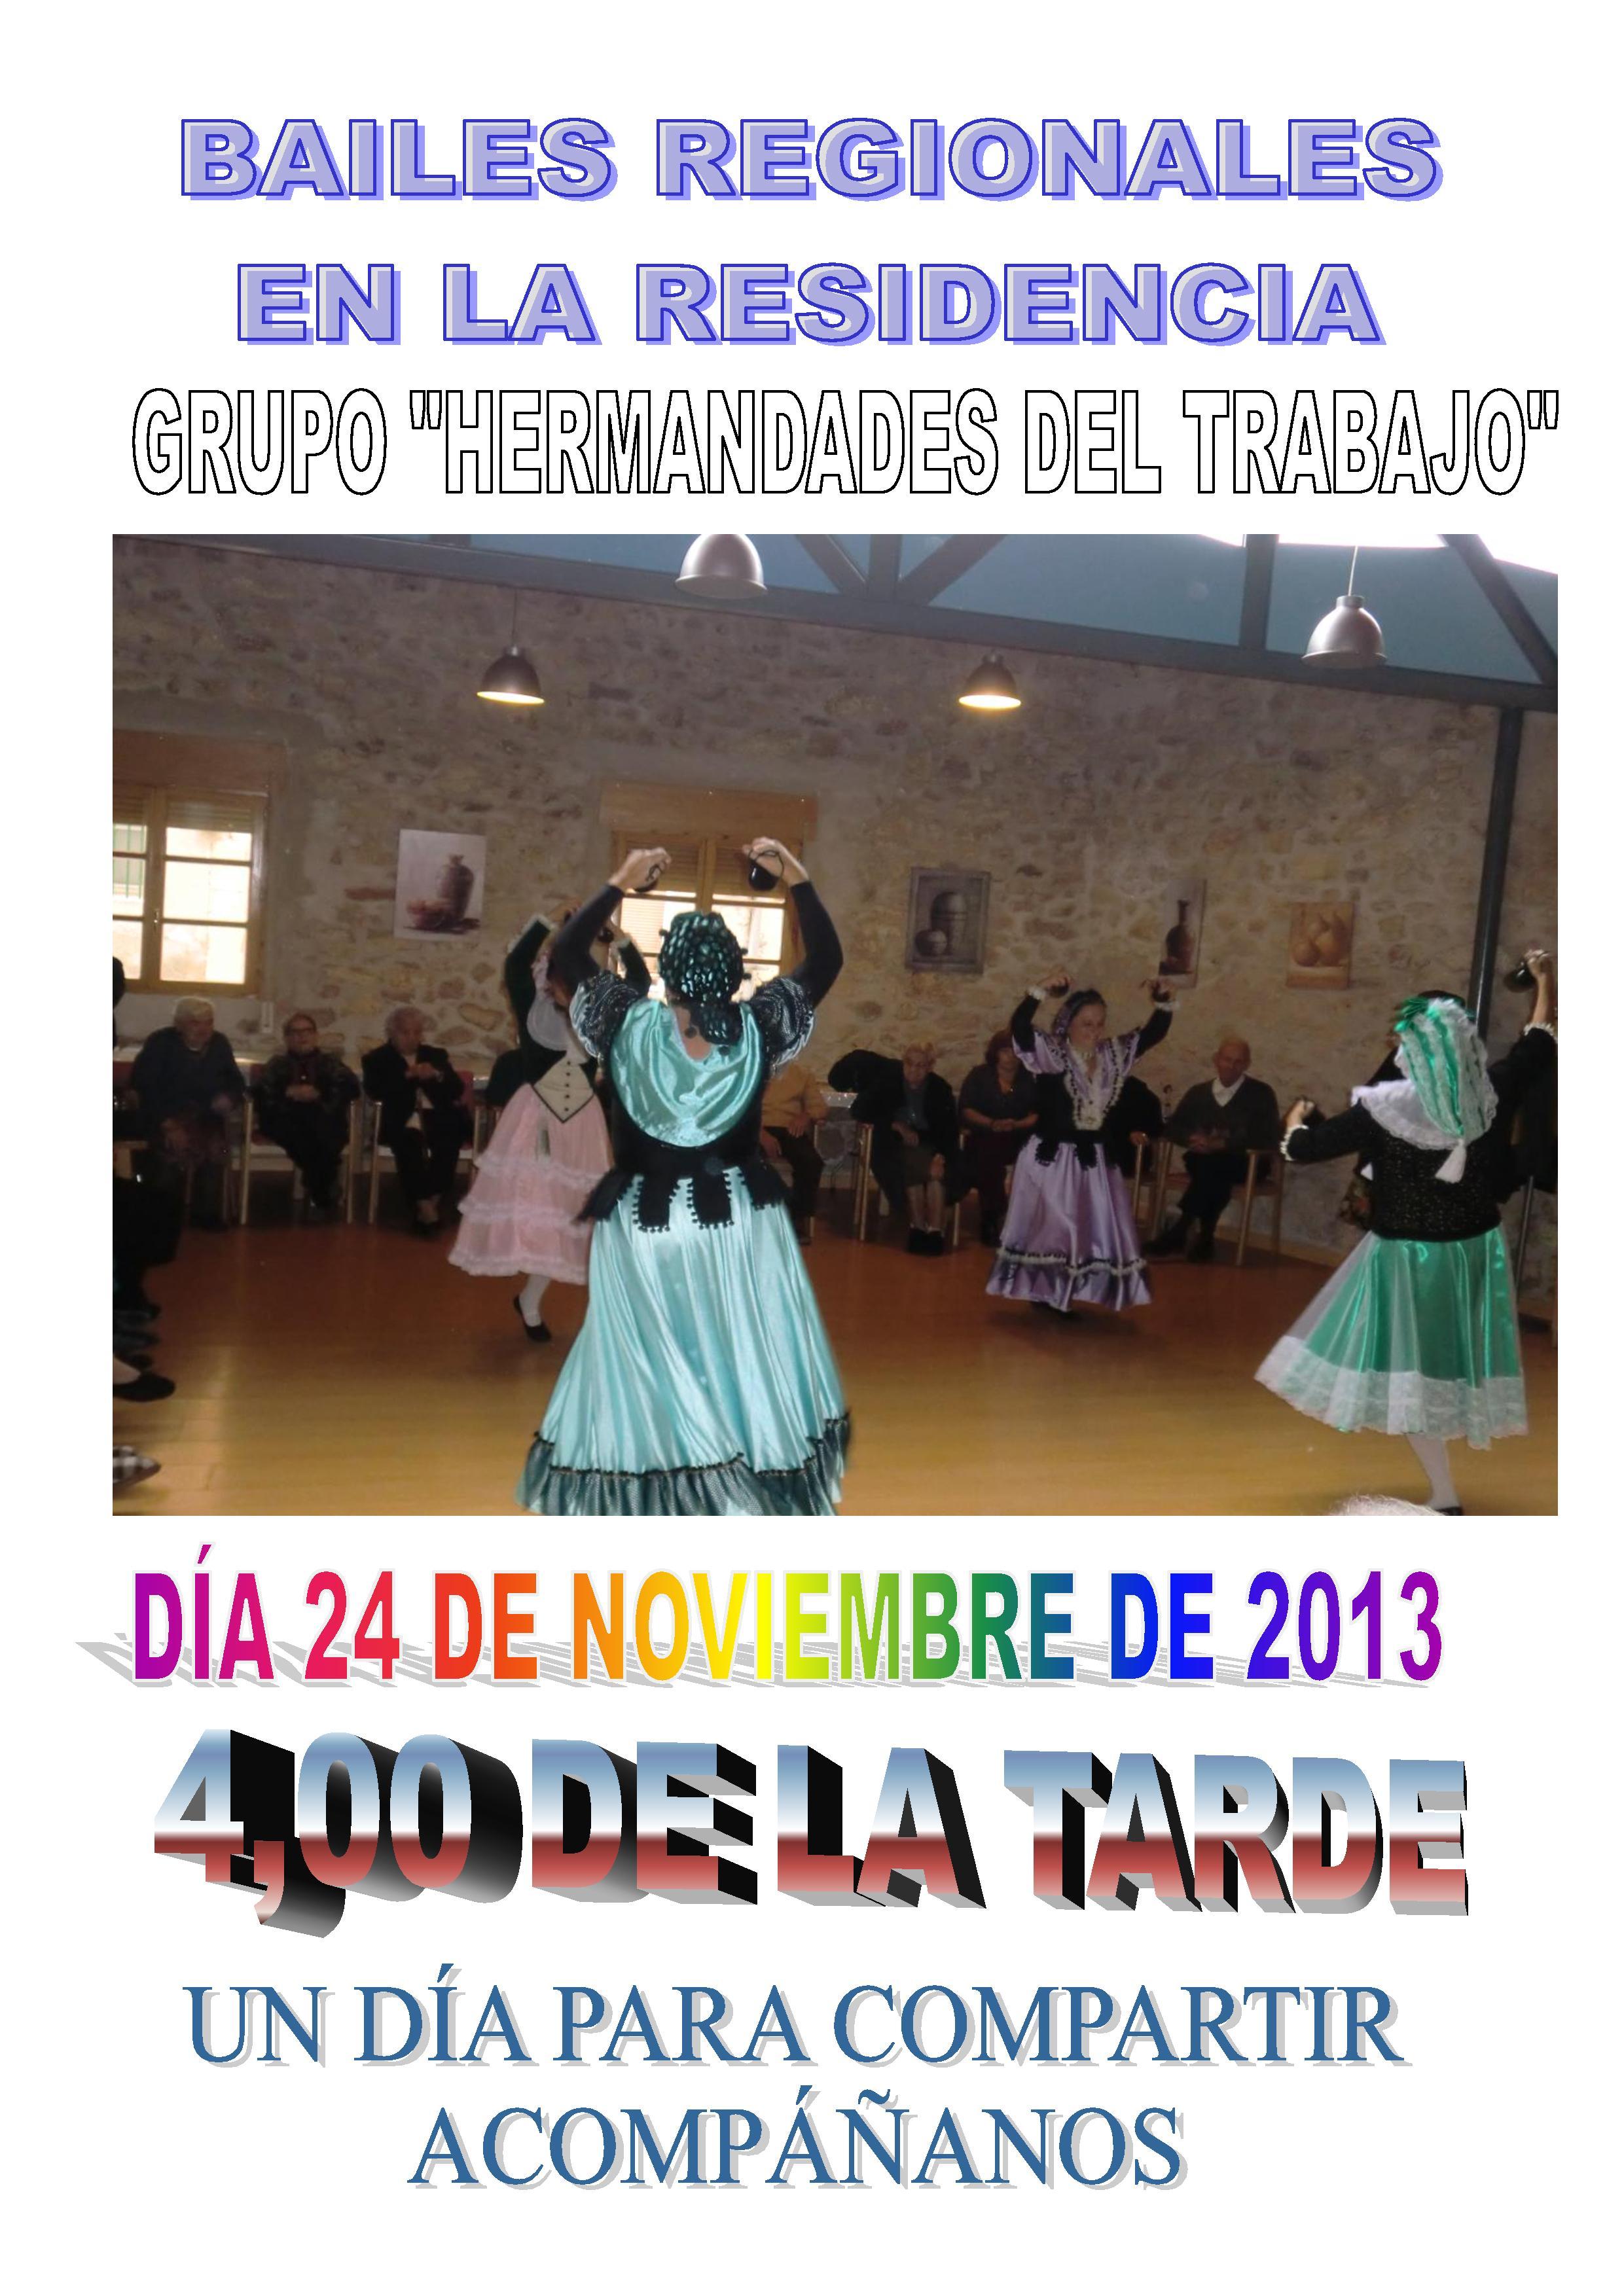 Bailes regionales 2013-page-001